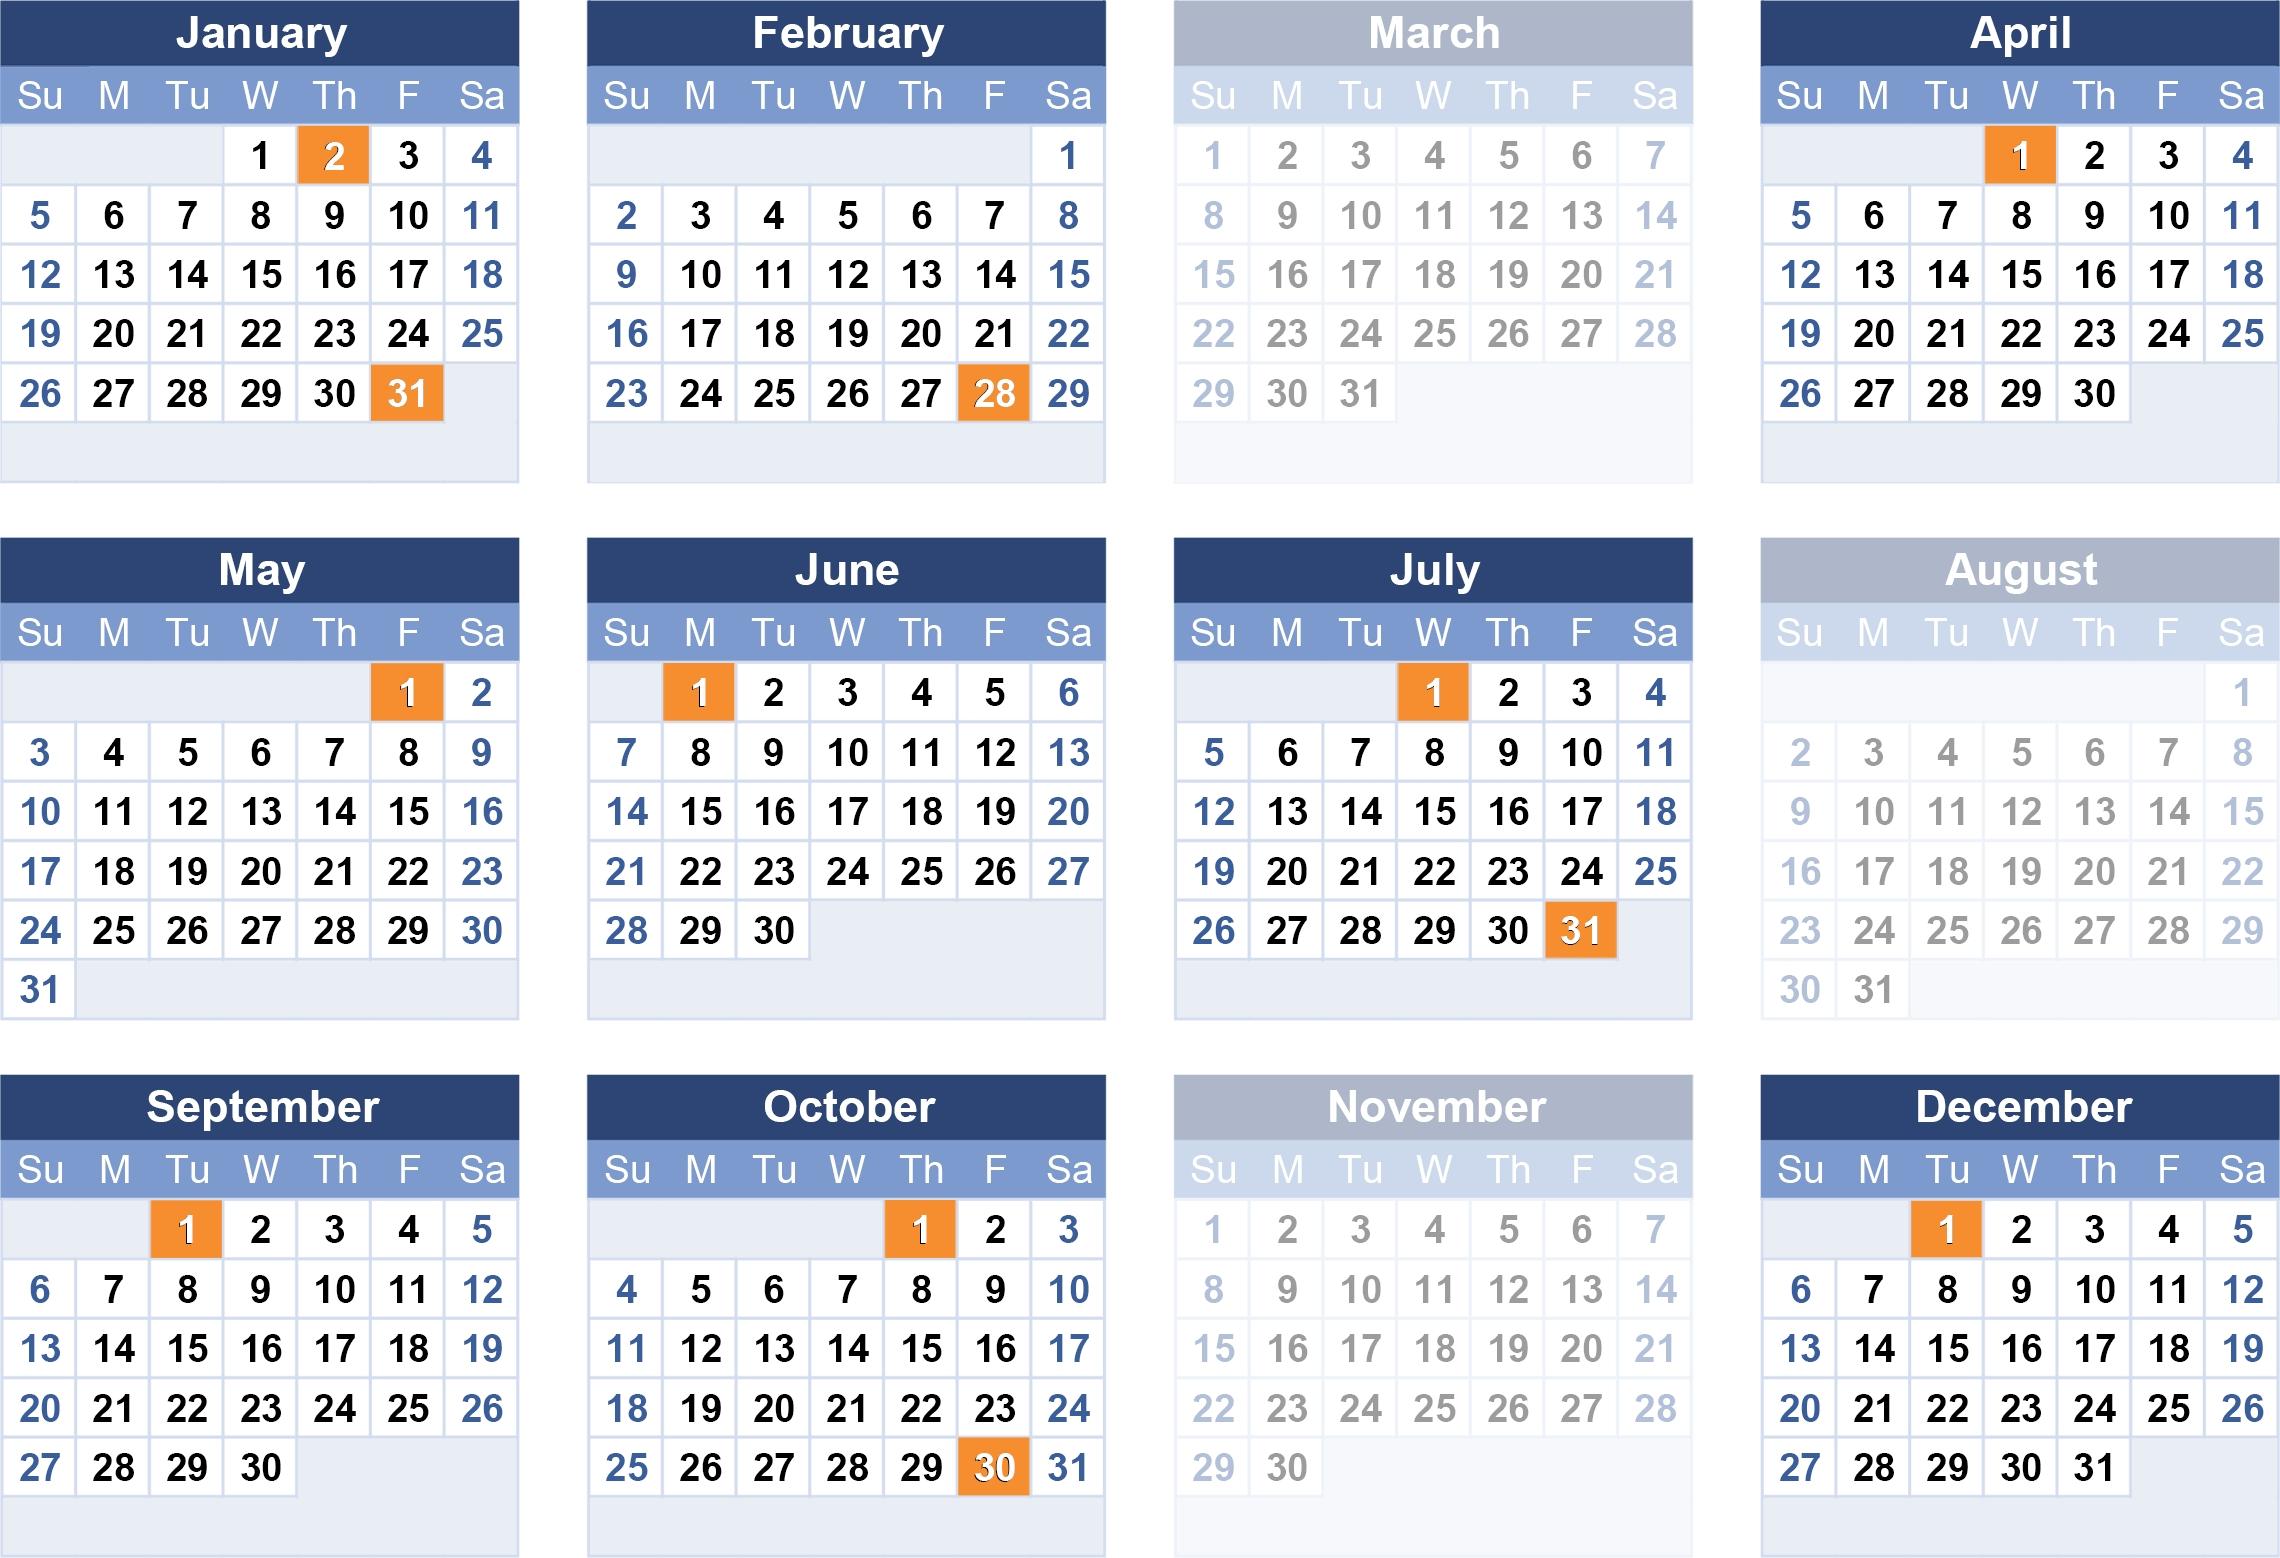 Nj State Pay Calendar 2021 | Payroll Calendar 2021